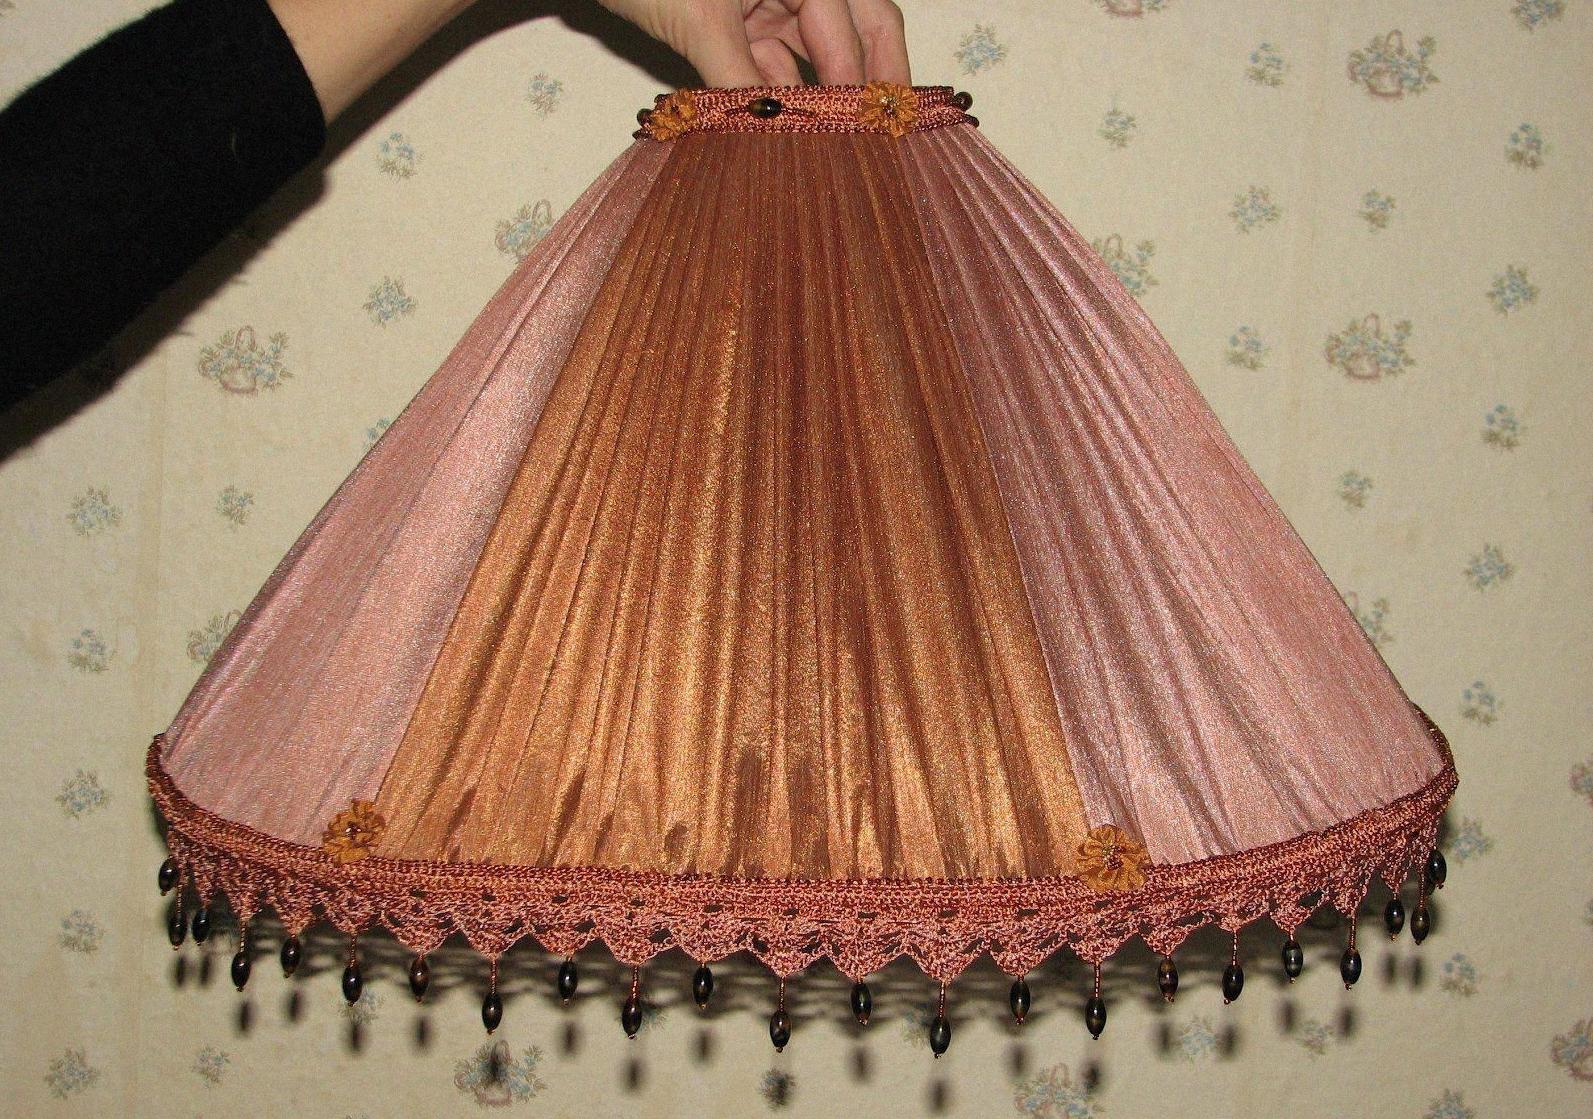 абажур для настольной лампы своими руками фото сексологи